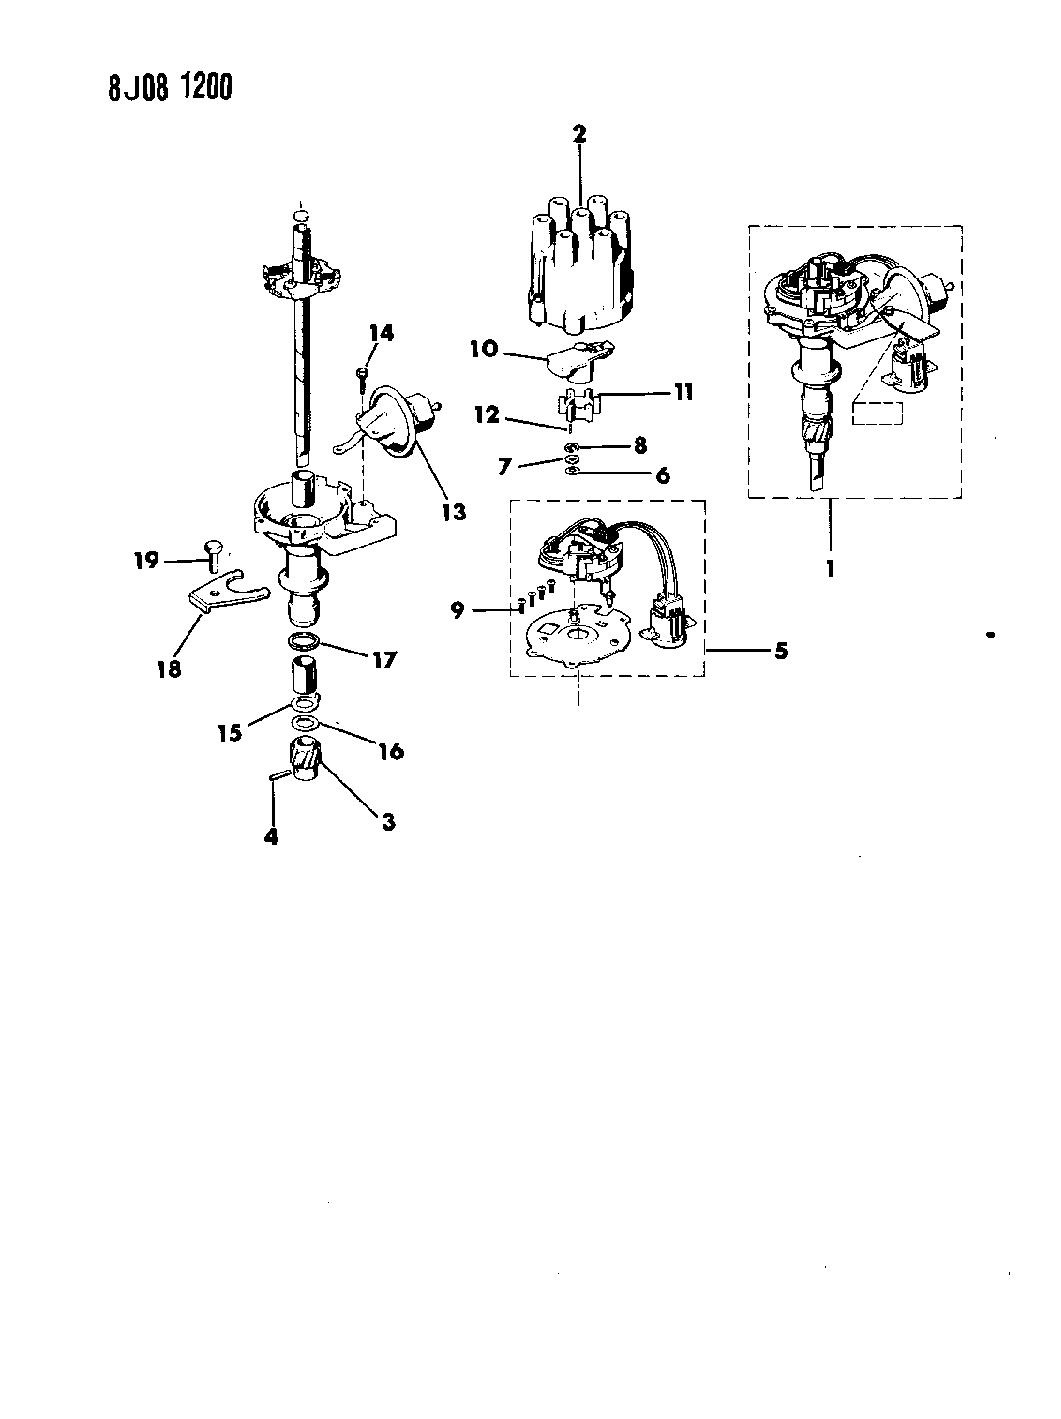 Zg Jeep Distributor Parts Diagram Download Diagram